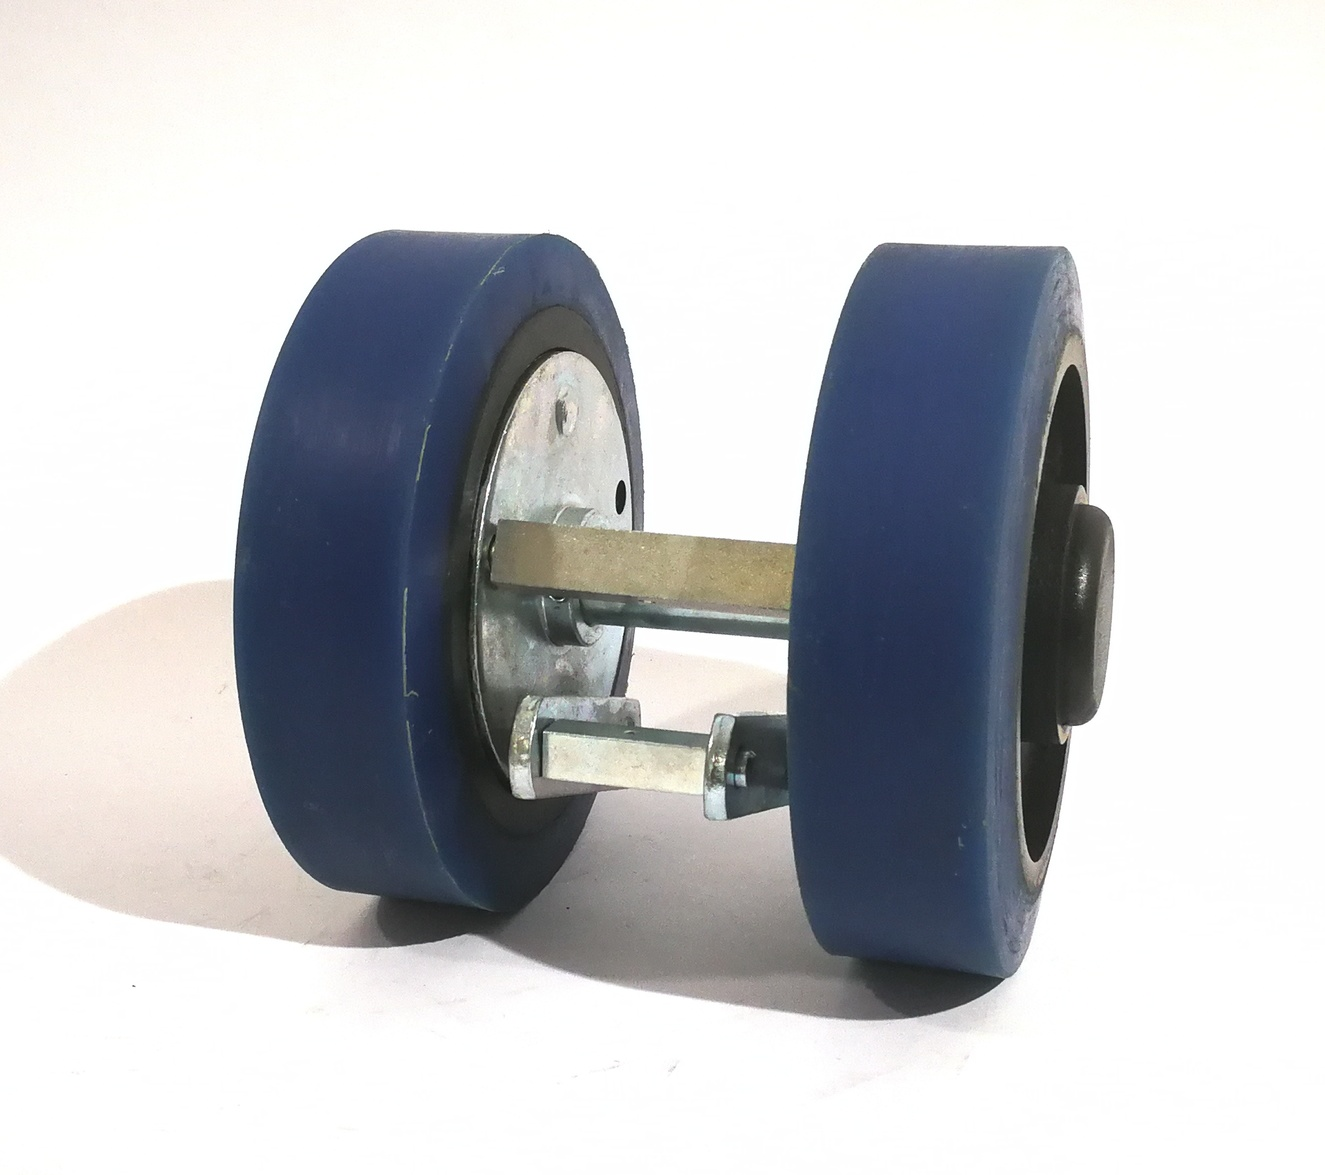 Ruote serie ZS Ruote in poliuretano colato 87 Sh.A tipo soft con mozzo in ghisa. Disponibile con cuscinetti a sfere di precisione schermati. Ruota con cuscinetti a sfere.